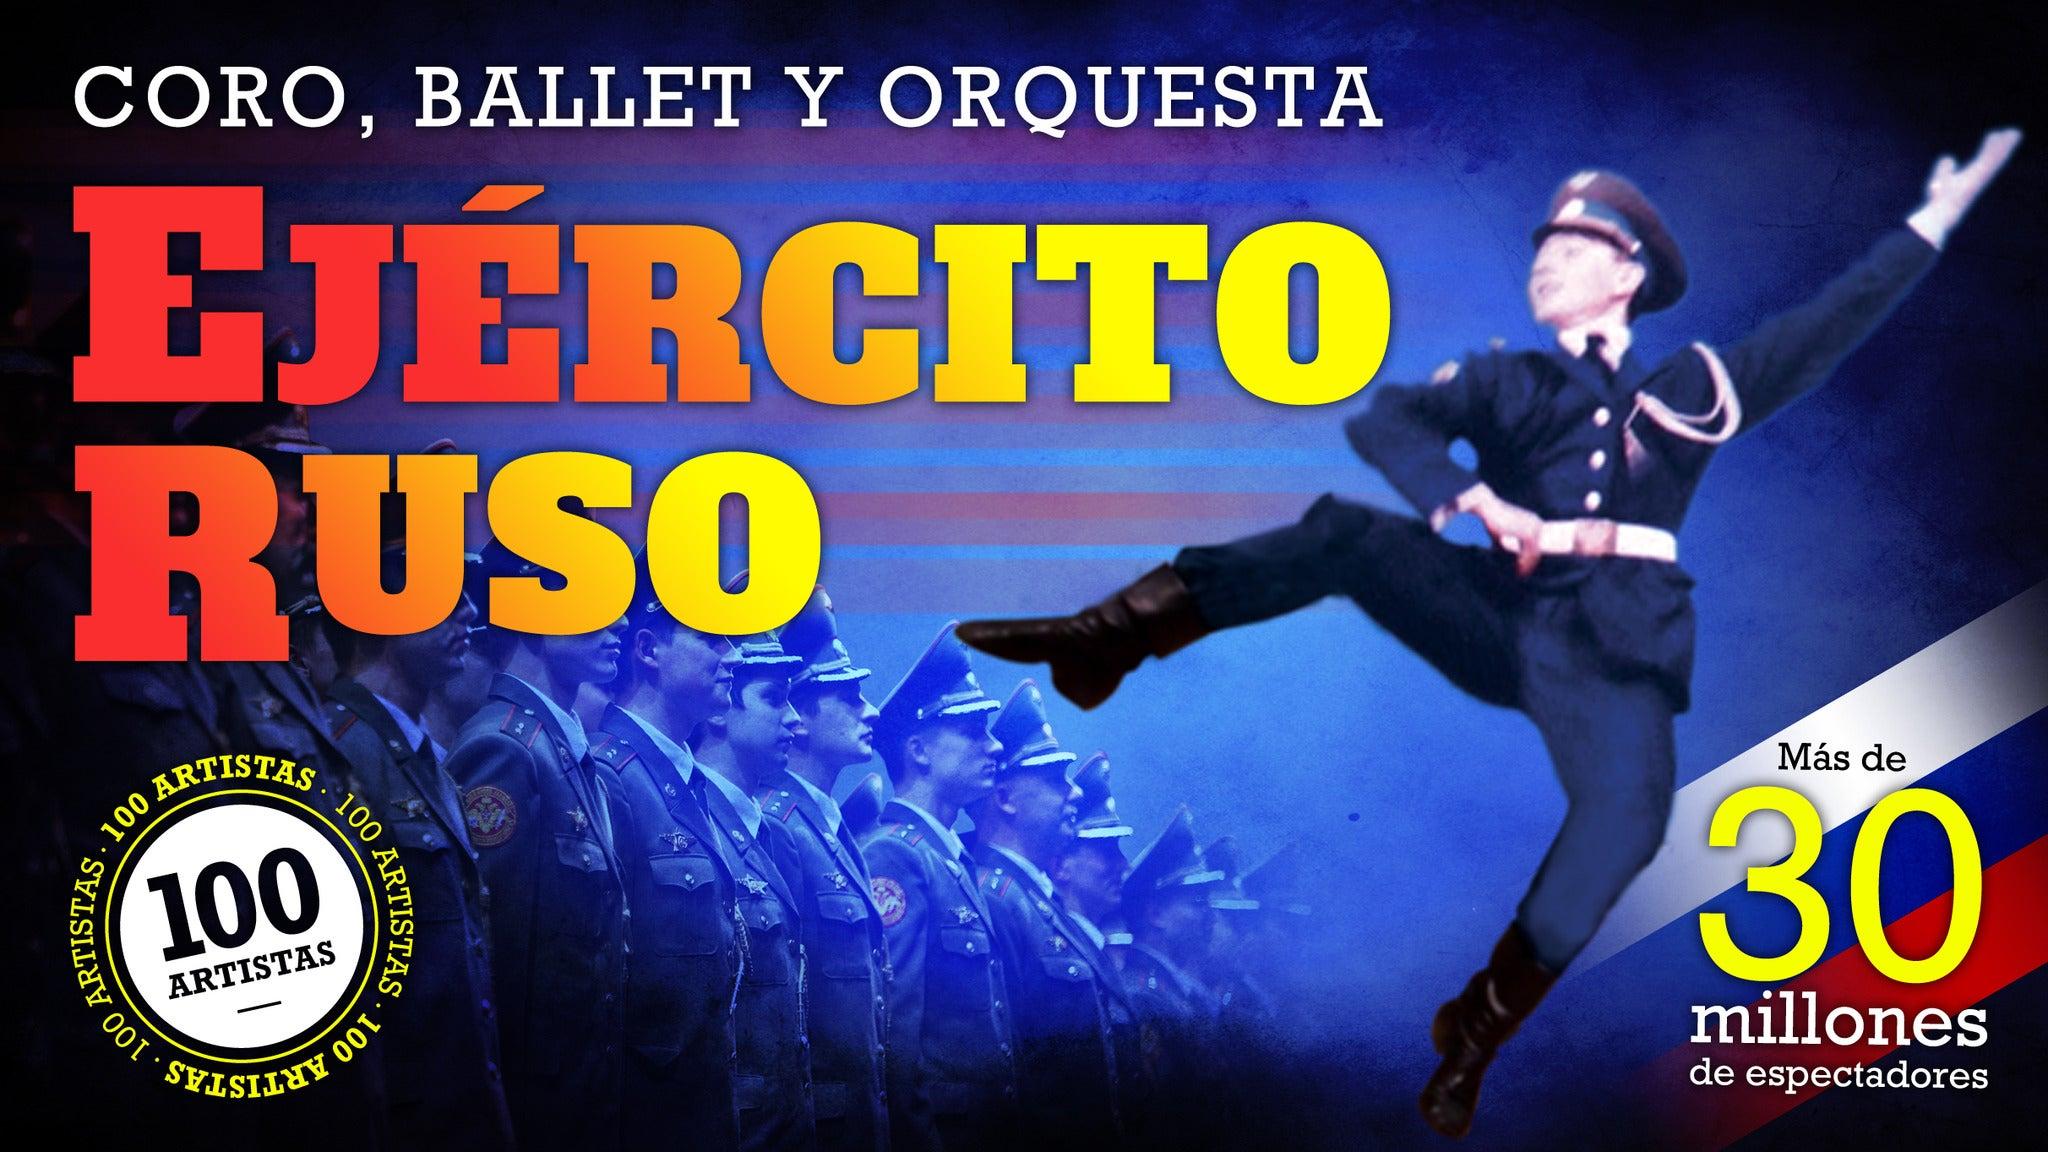 Coro, Ballet y Orquesta Ejercito Ruso